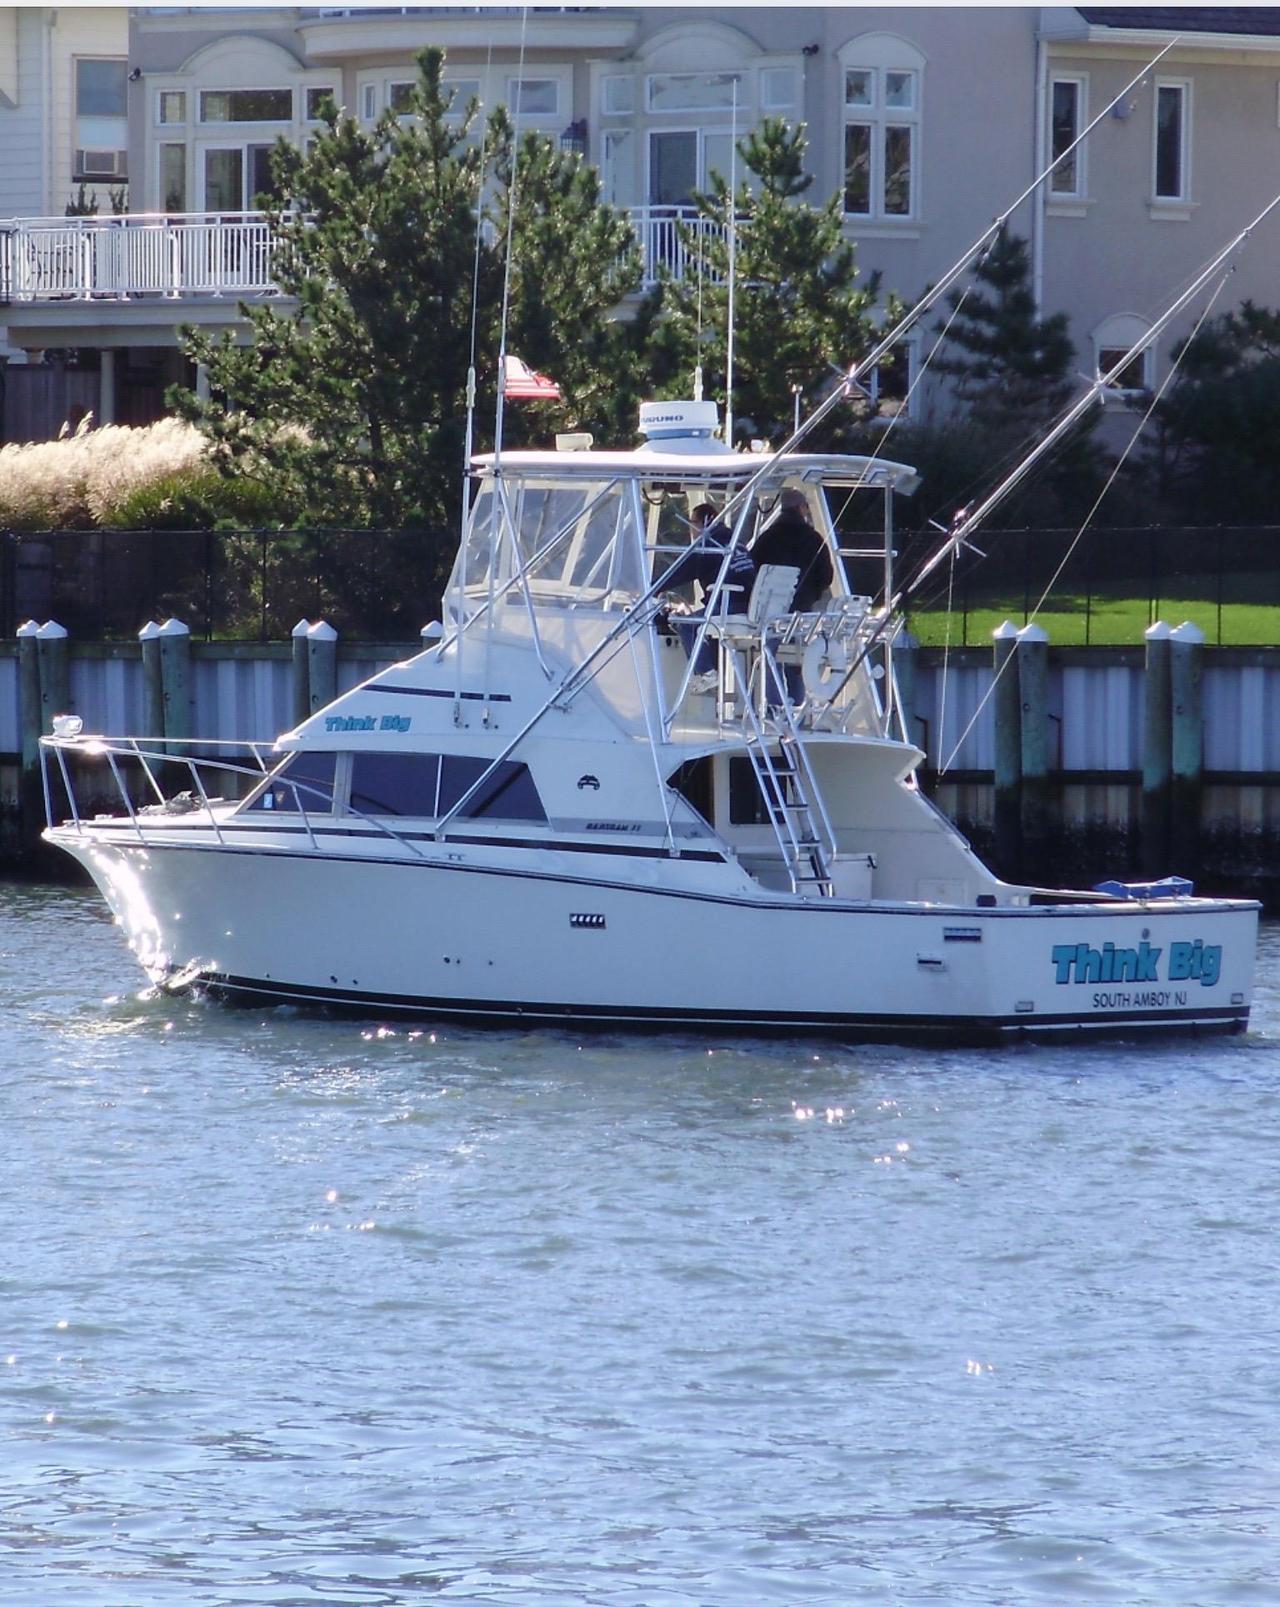 1984 Used Bertram 33 Sportfish Sports Fishing Boat For